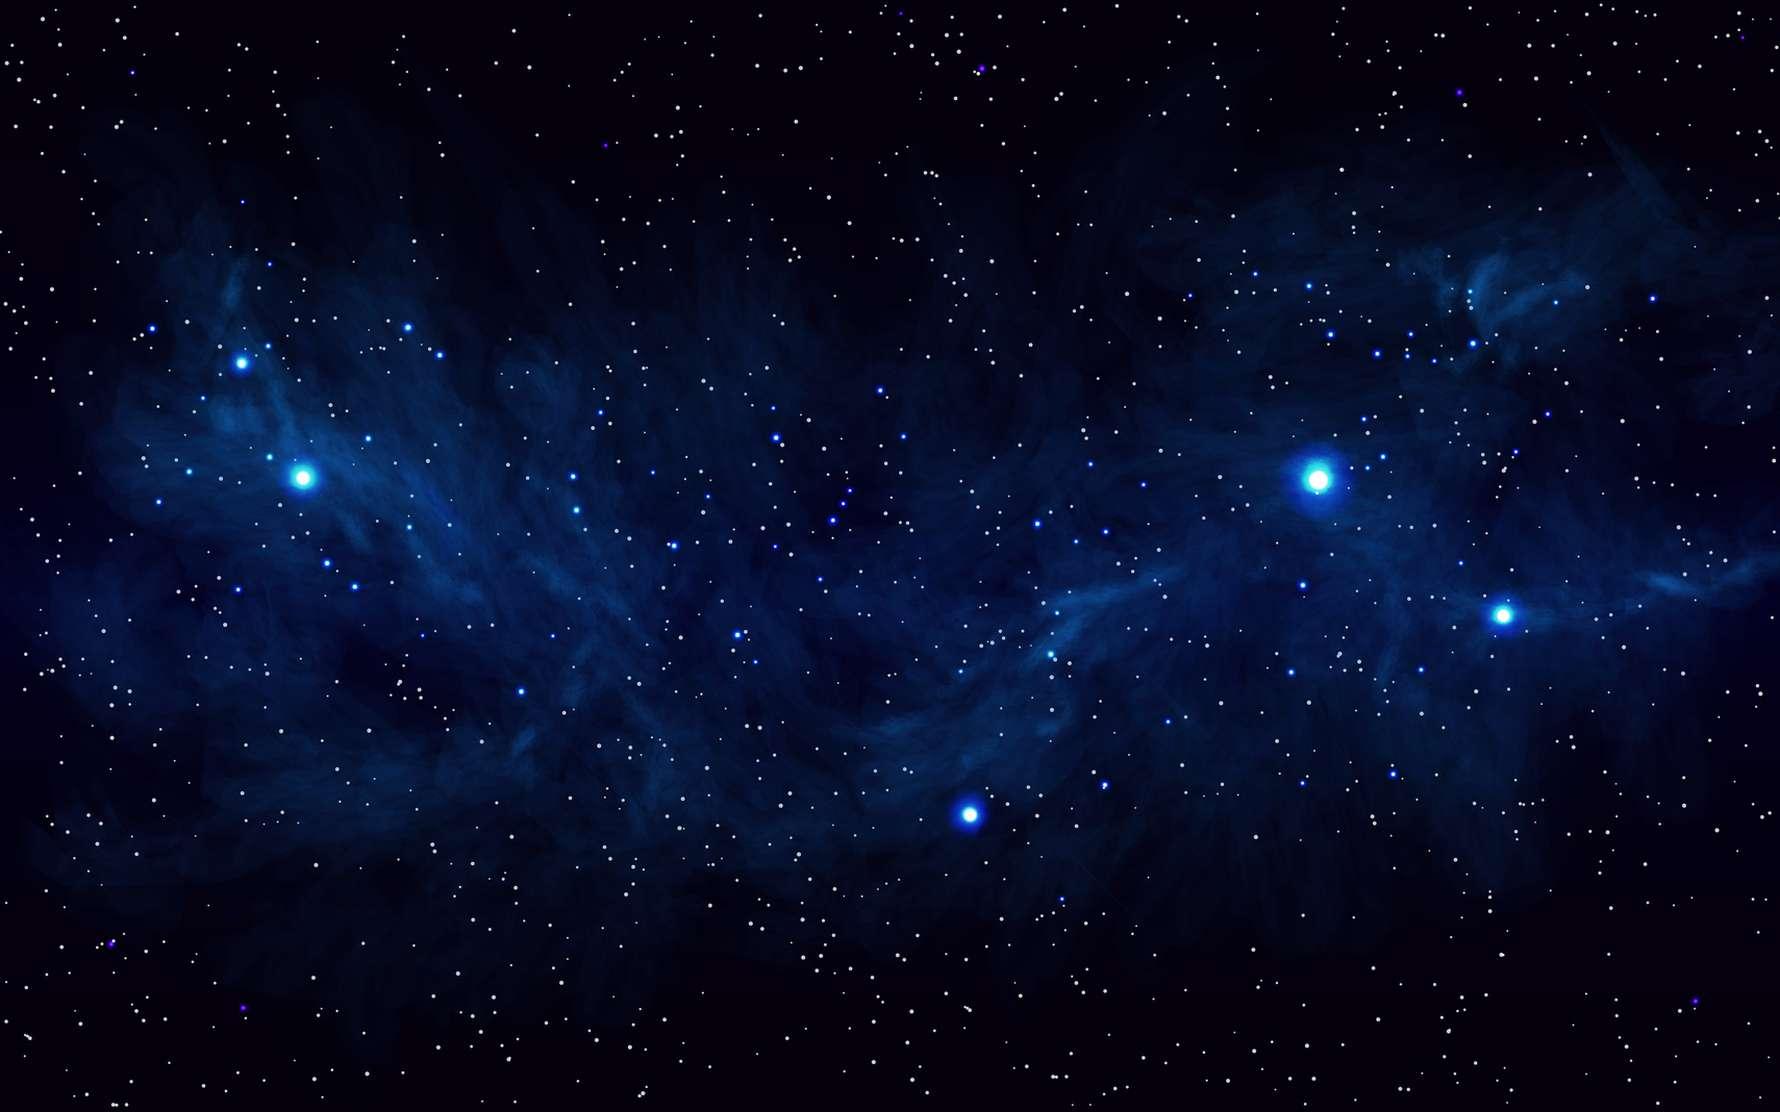 Dans notre Voie lactée, certaines étoiles sont extrêmement vieilles. Encore faut-il savoir les trouver. © helendream, Fotolia